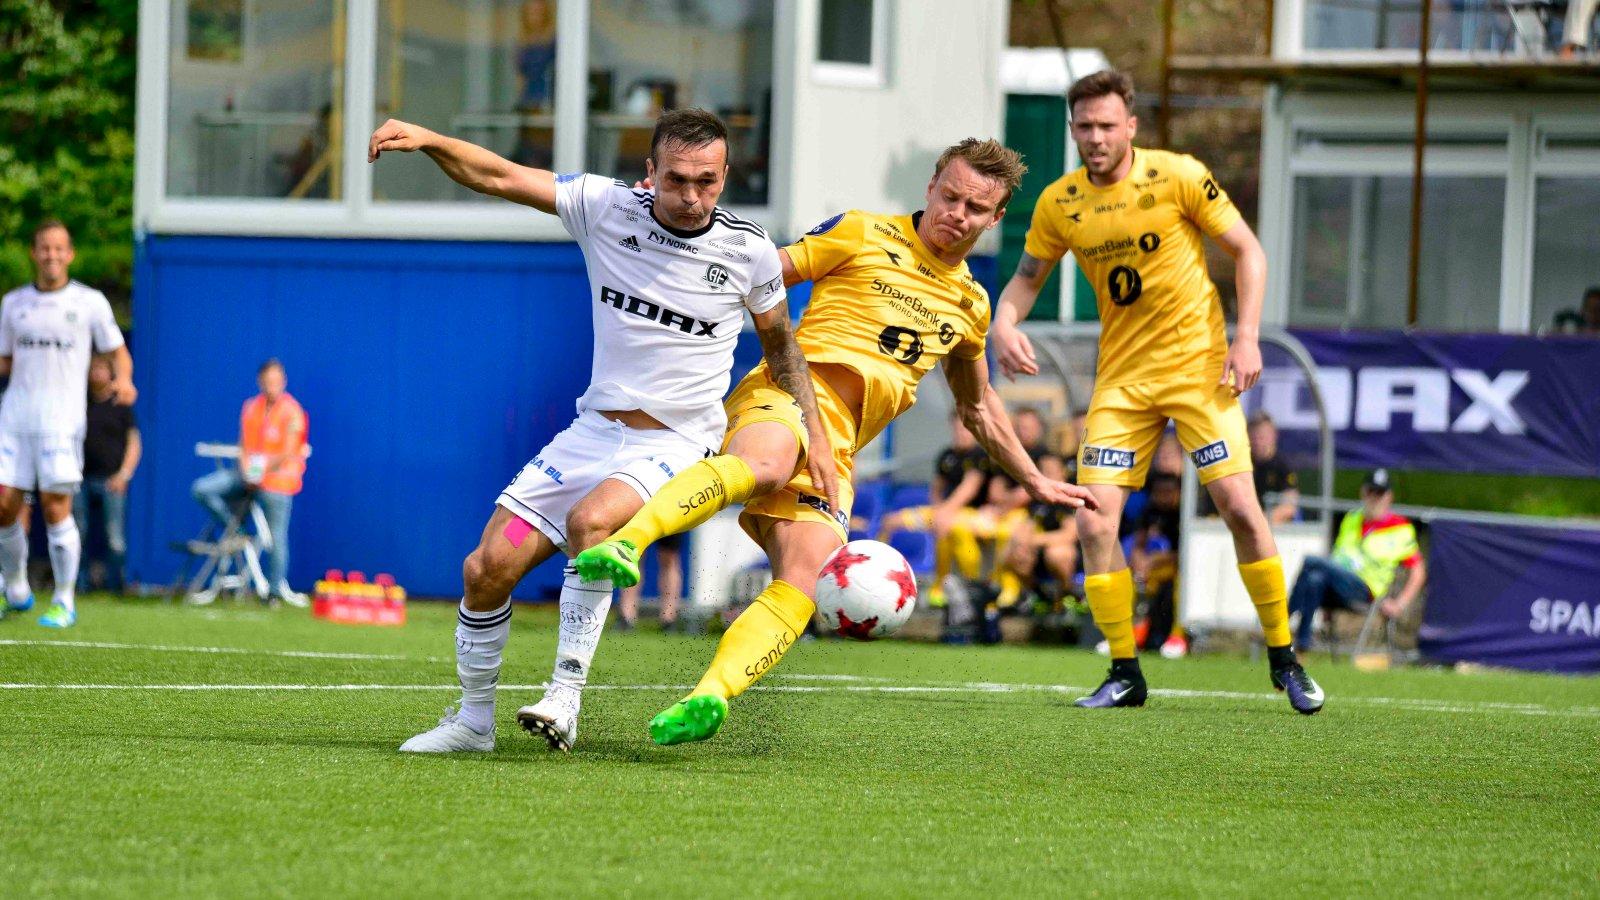 Wilhem Pepa kjempet tappert, men kom ikke på scoringslisten mot Bodø/Glimt.